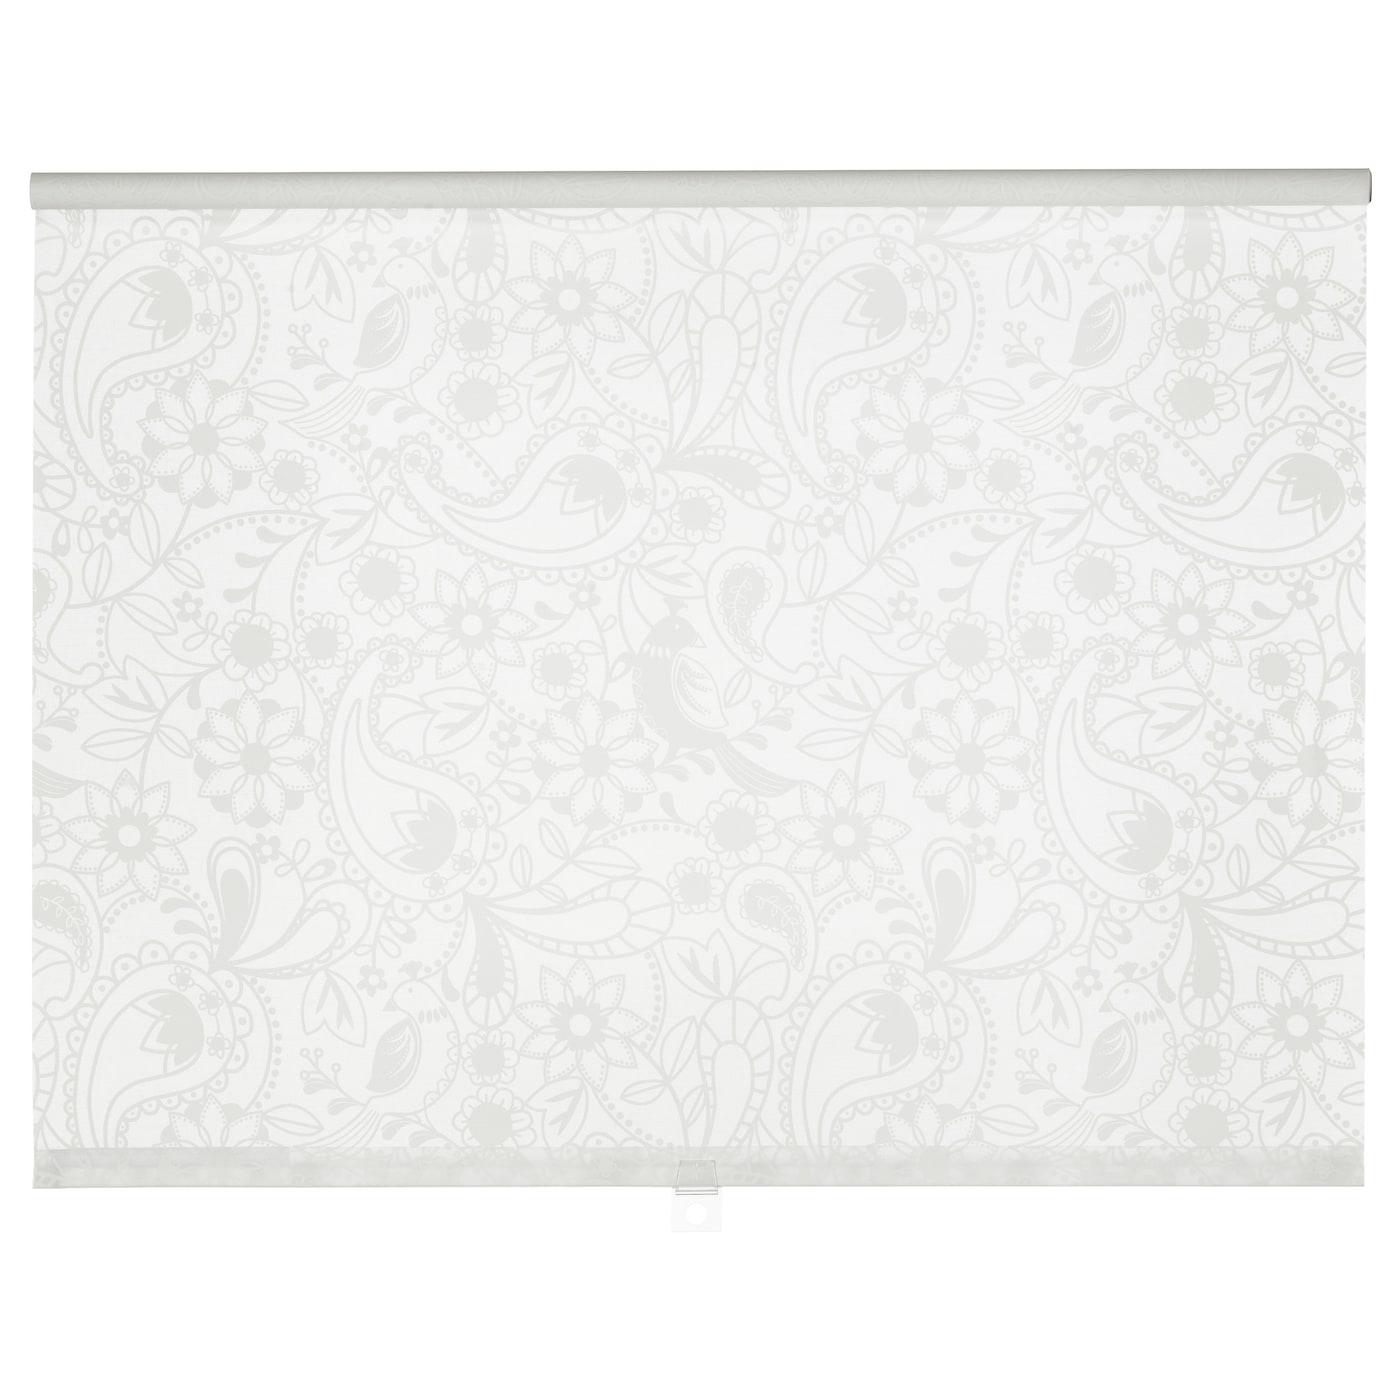 Rollos Ikea liselott roller blind white 120x195 cm ikea